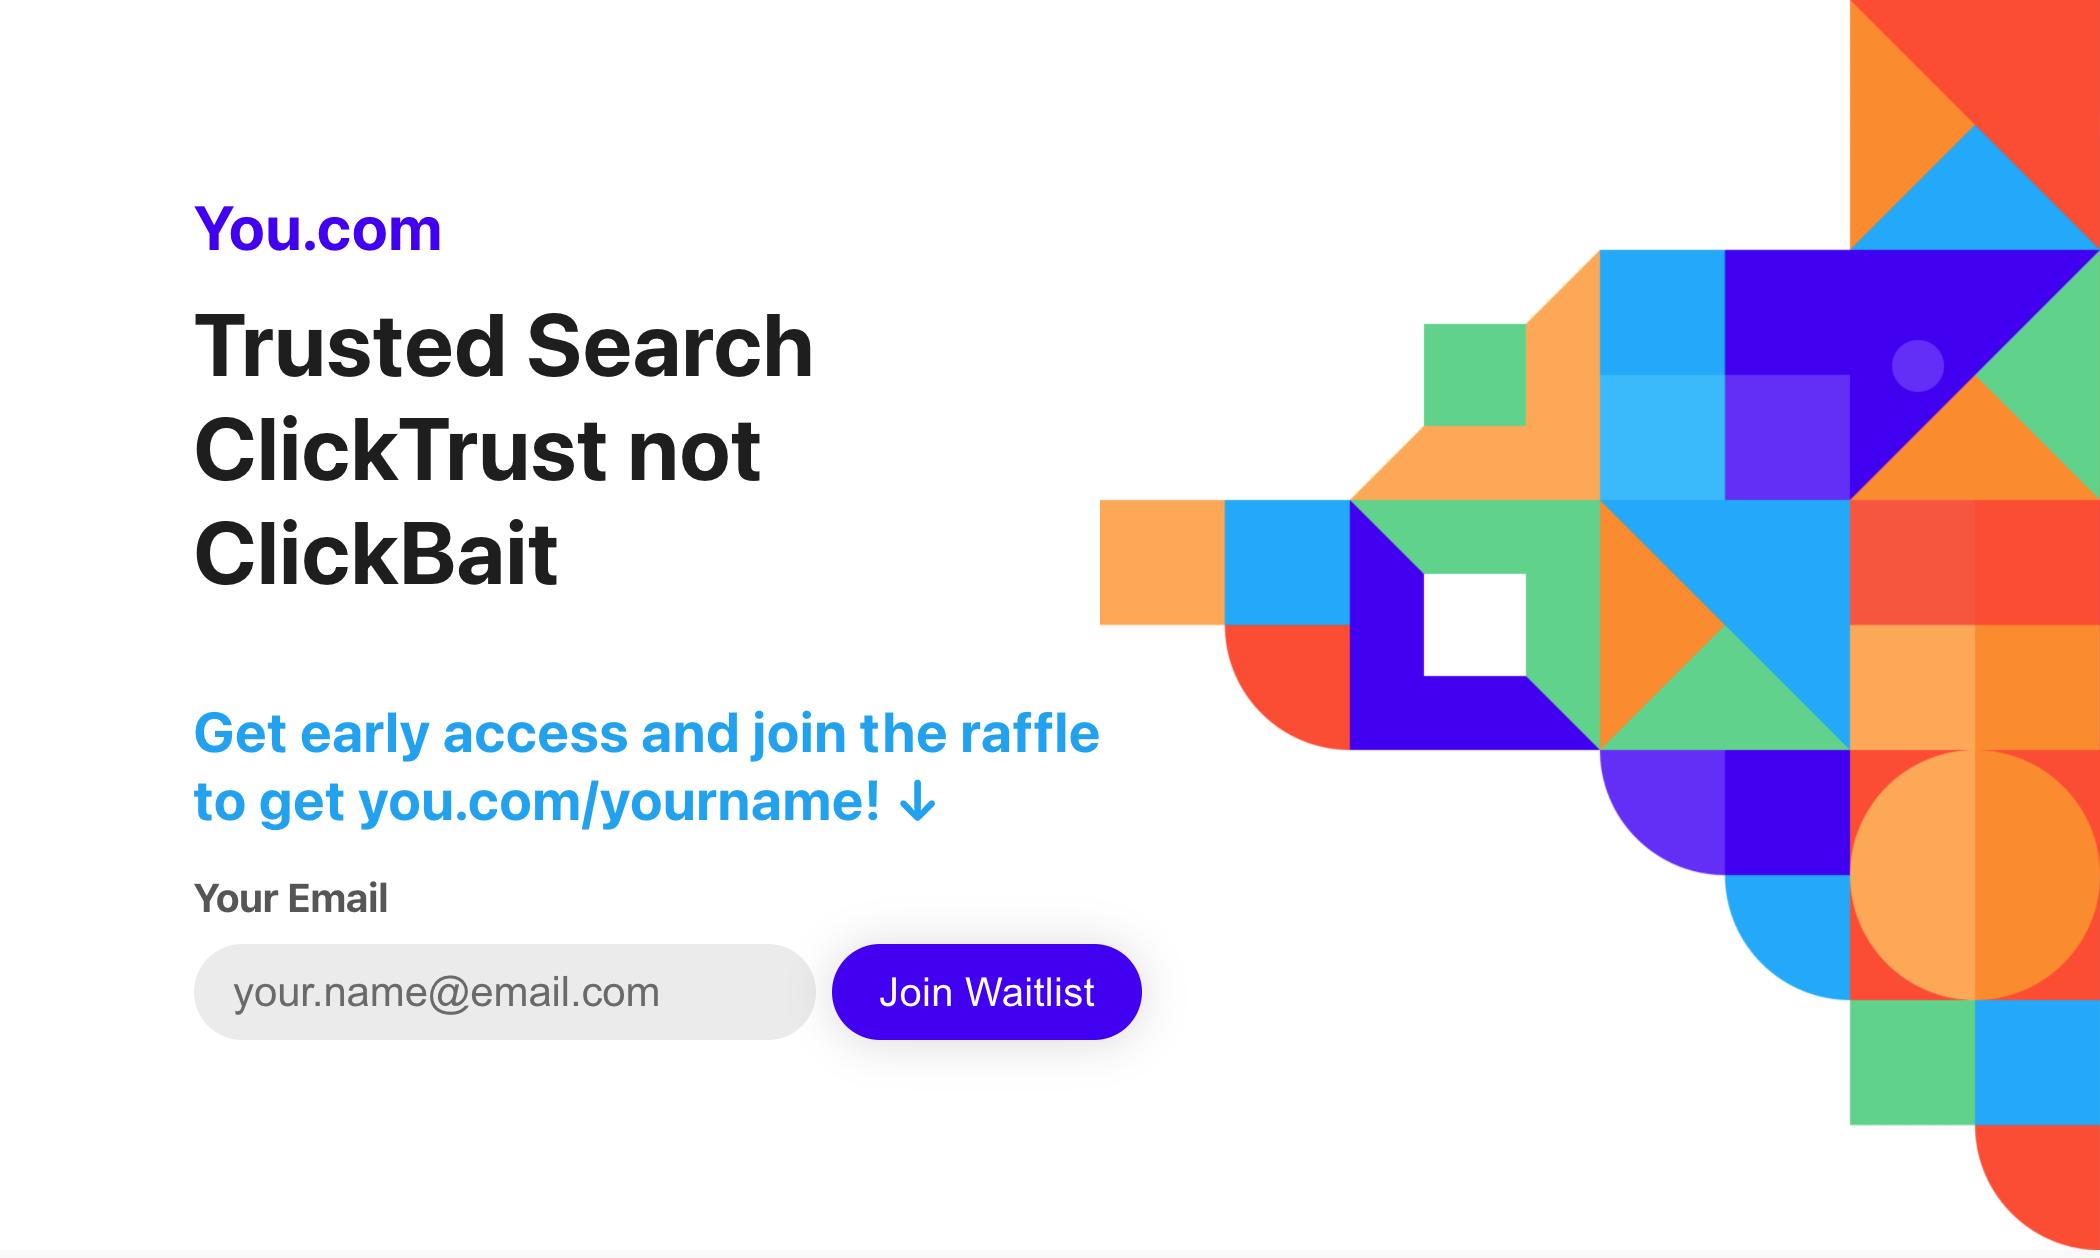 you Google bekommt Konkurrenz! You.com startet neue Suchmaschine mit Fokus auf Vertrauen und Datenschutz